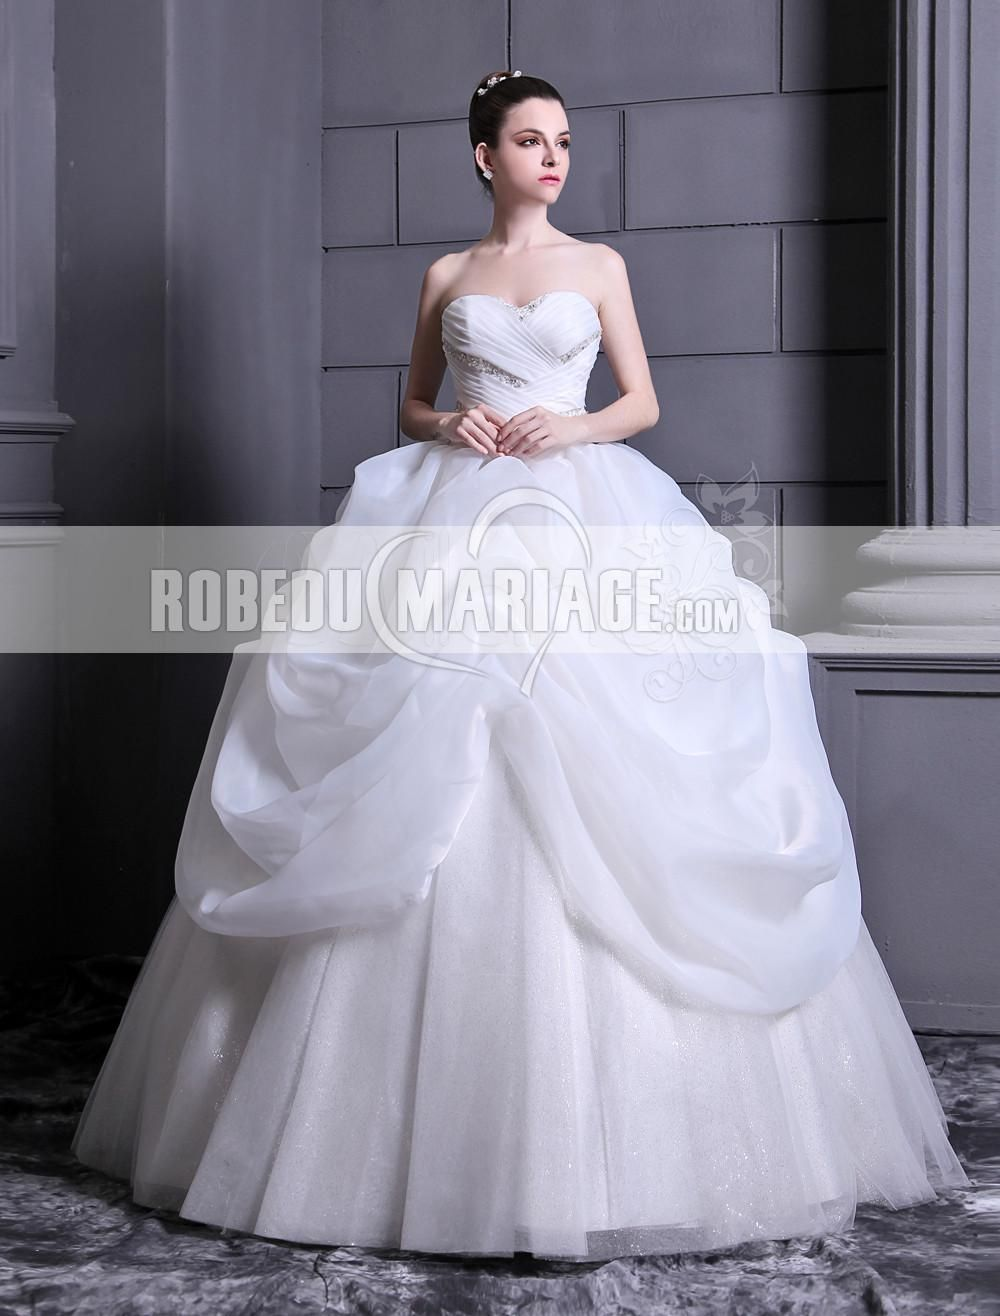 nouvelle robe de mariage princesse pas cher l gante prix. Black Bedroom Furniture Sets. Home Design Ideas